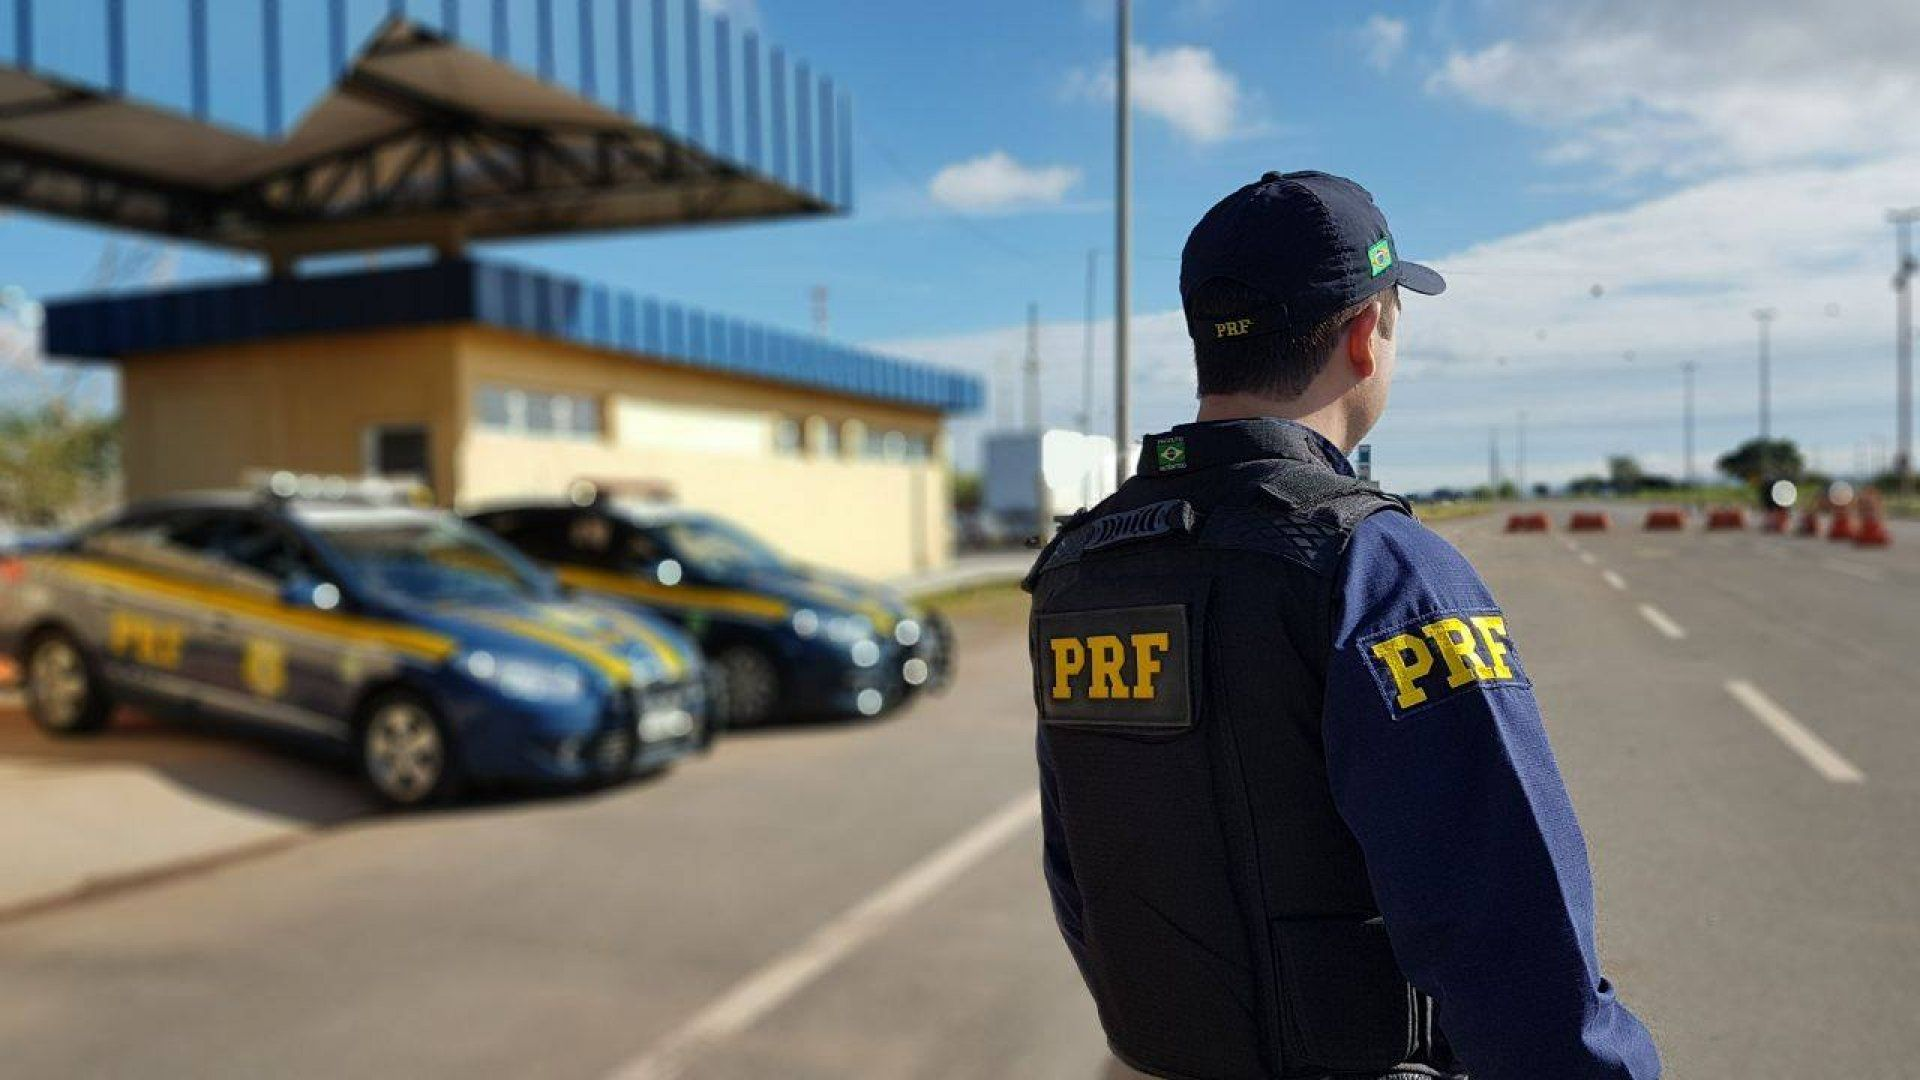 27 ideias de PRF (Polícia Rodoviária Federal) | policia rodoviaria,  rodoviaria federal, prf